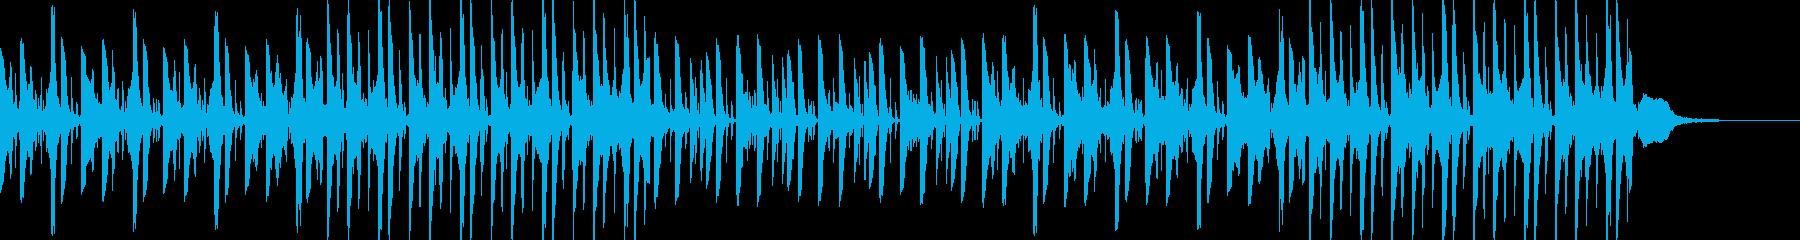 ユル系ノスタルジックなフレーズの再生済みの波形